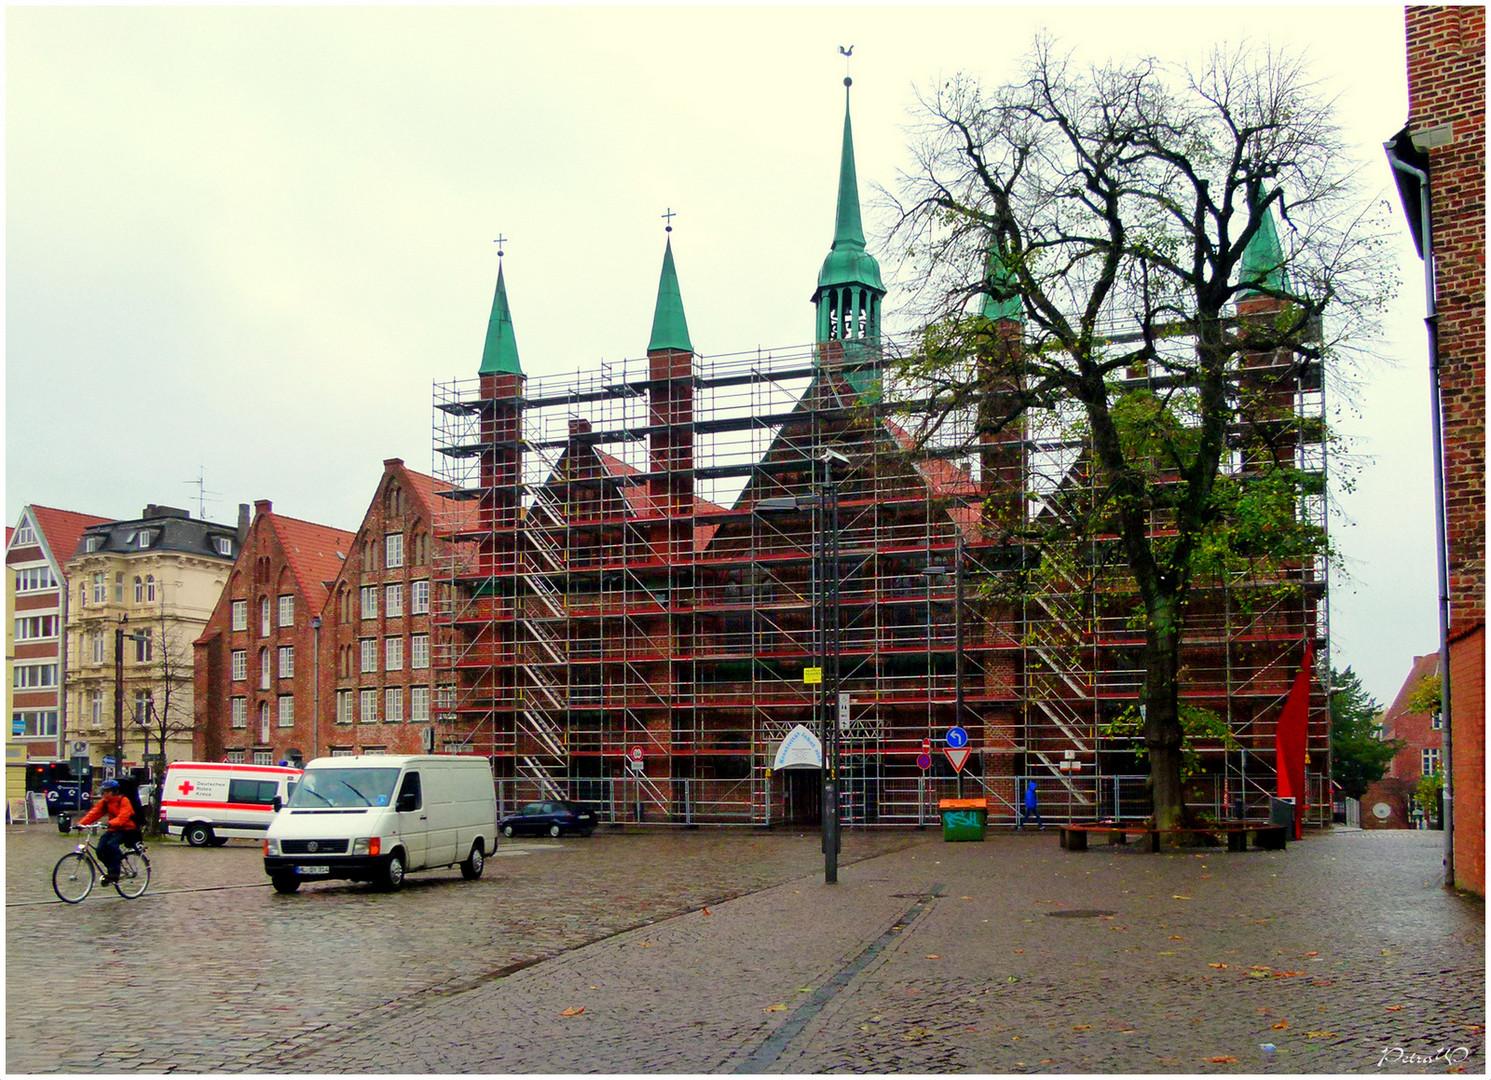 Lübeck im Regen - Koberg mit Heiligen-Geist-Hospital